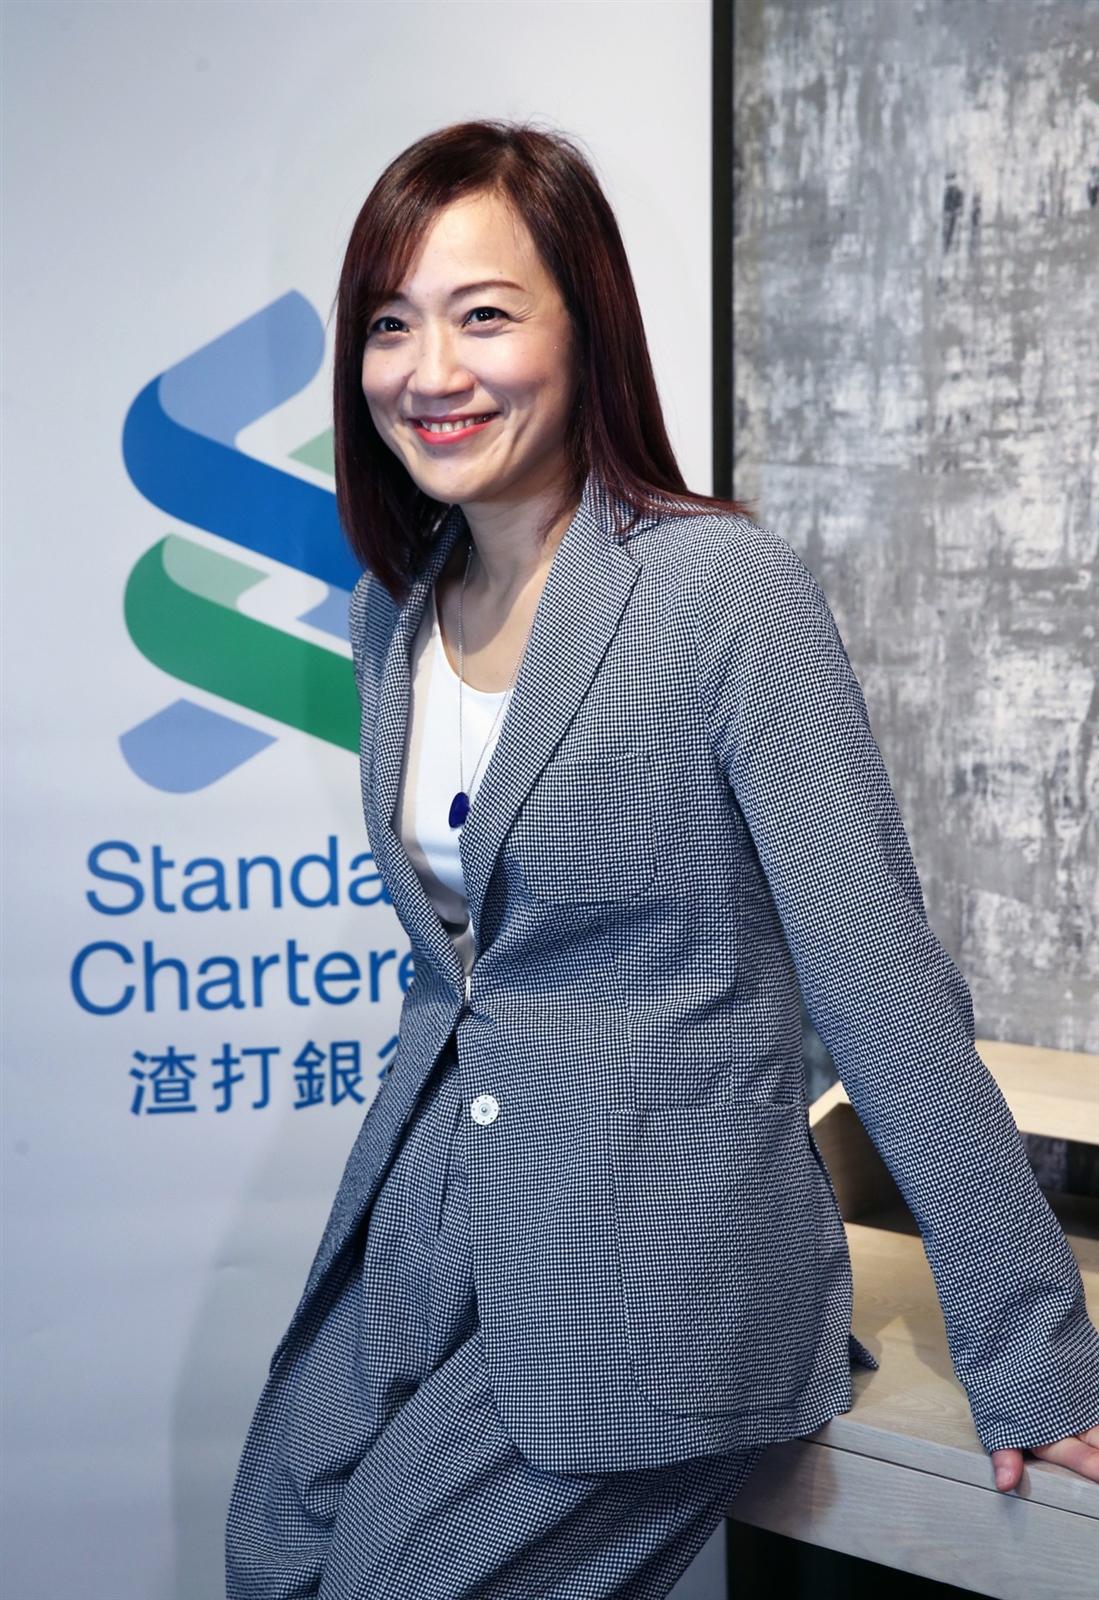 徐仲薇曾是發過20多張唱片的歌手,如今是渣打銀行東協暨南亞地區行政總裁,掌管該區域共15個市場、共計2萬2000名員工。記者徐兆玄/攝影